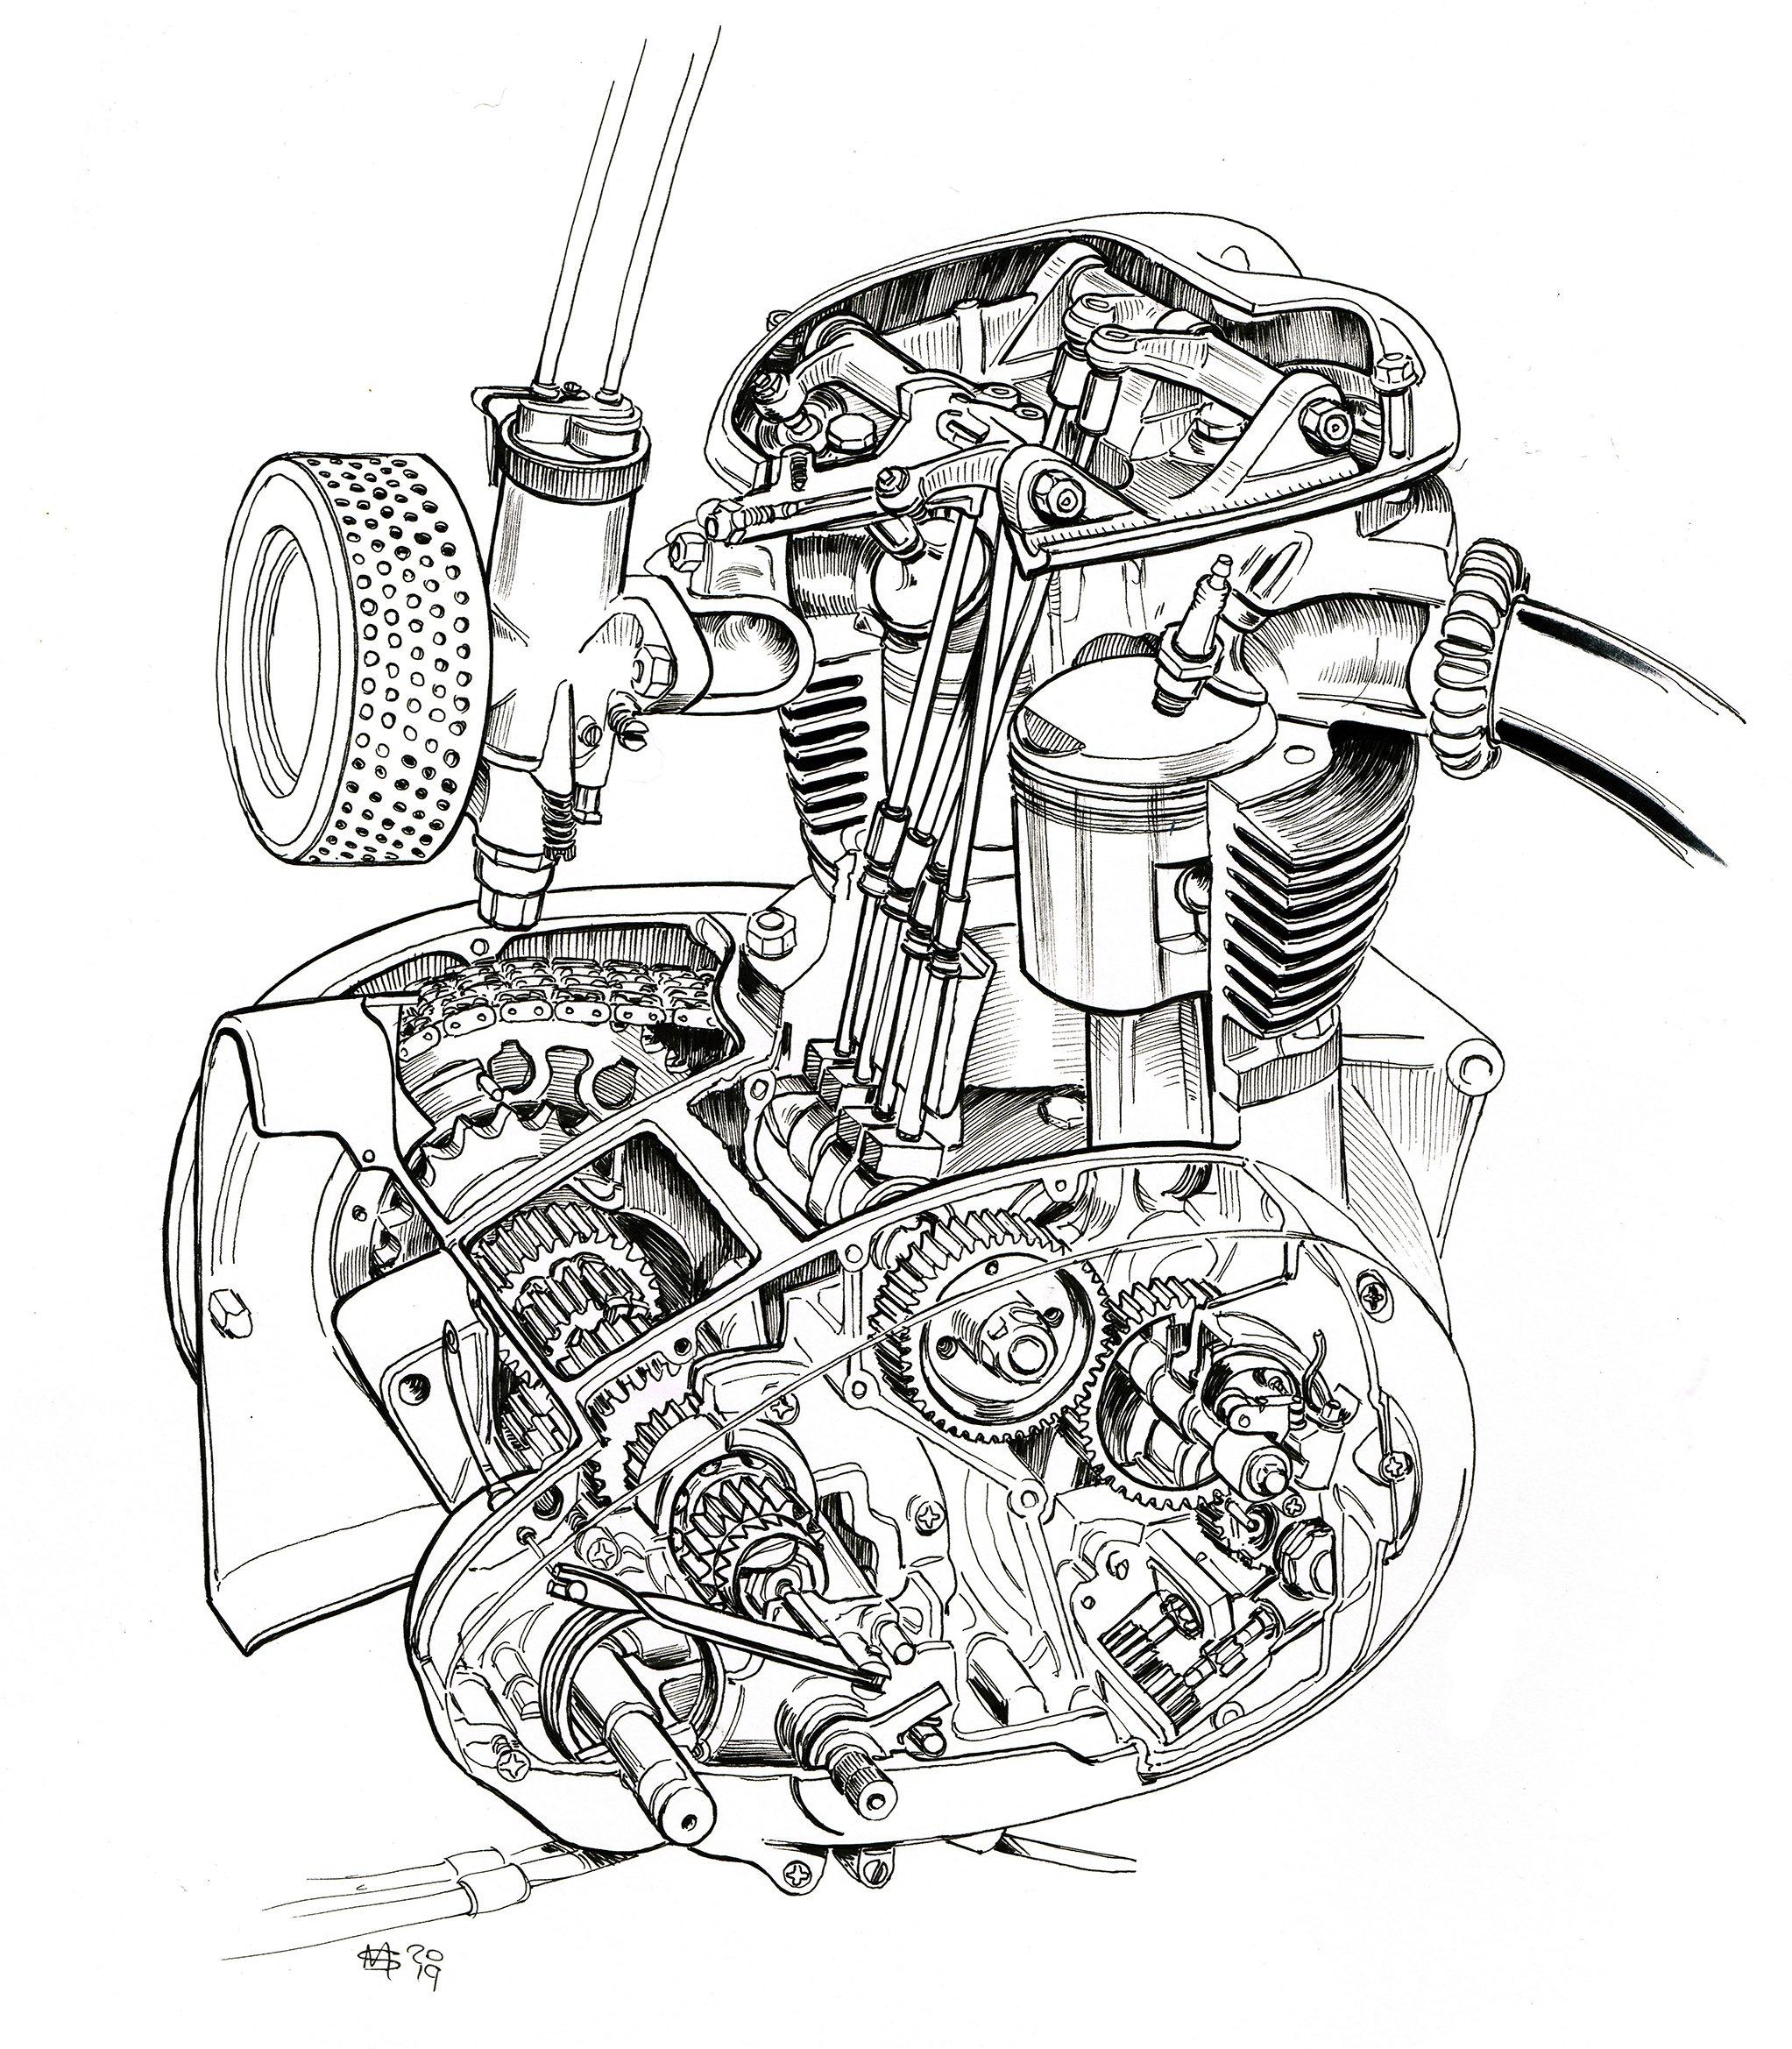 stock stories BSA A65 lightning engine